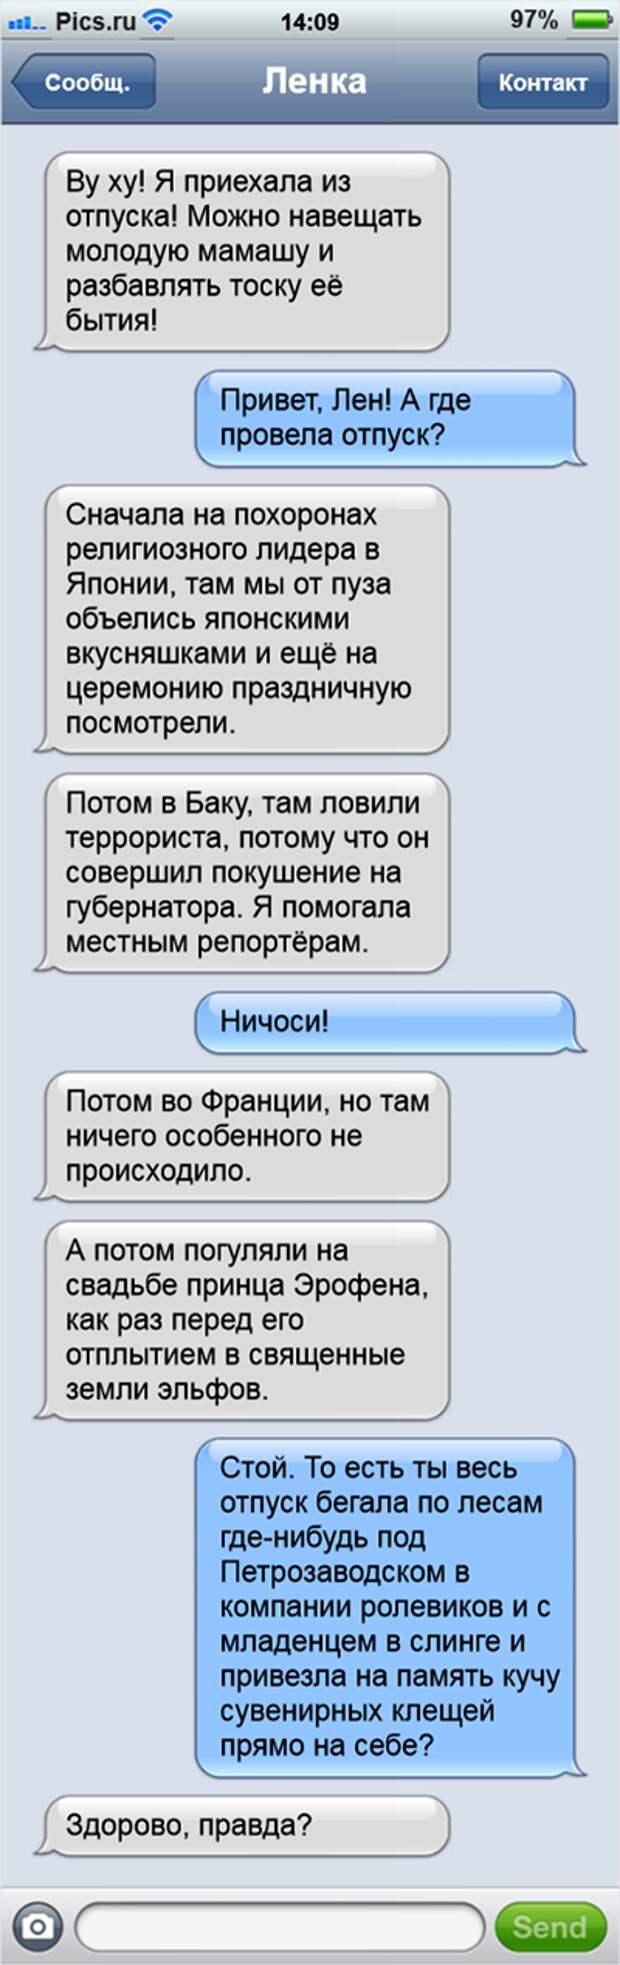 smswork08